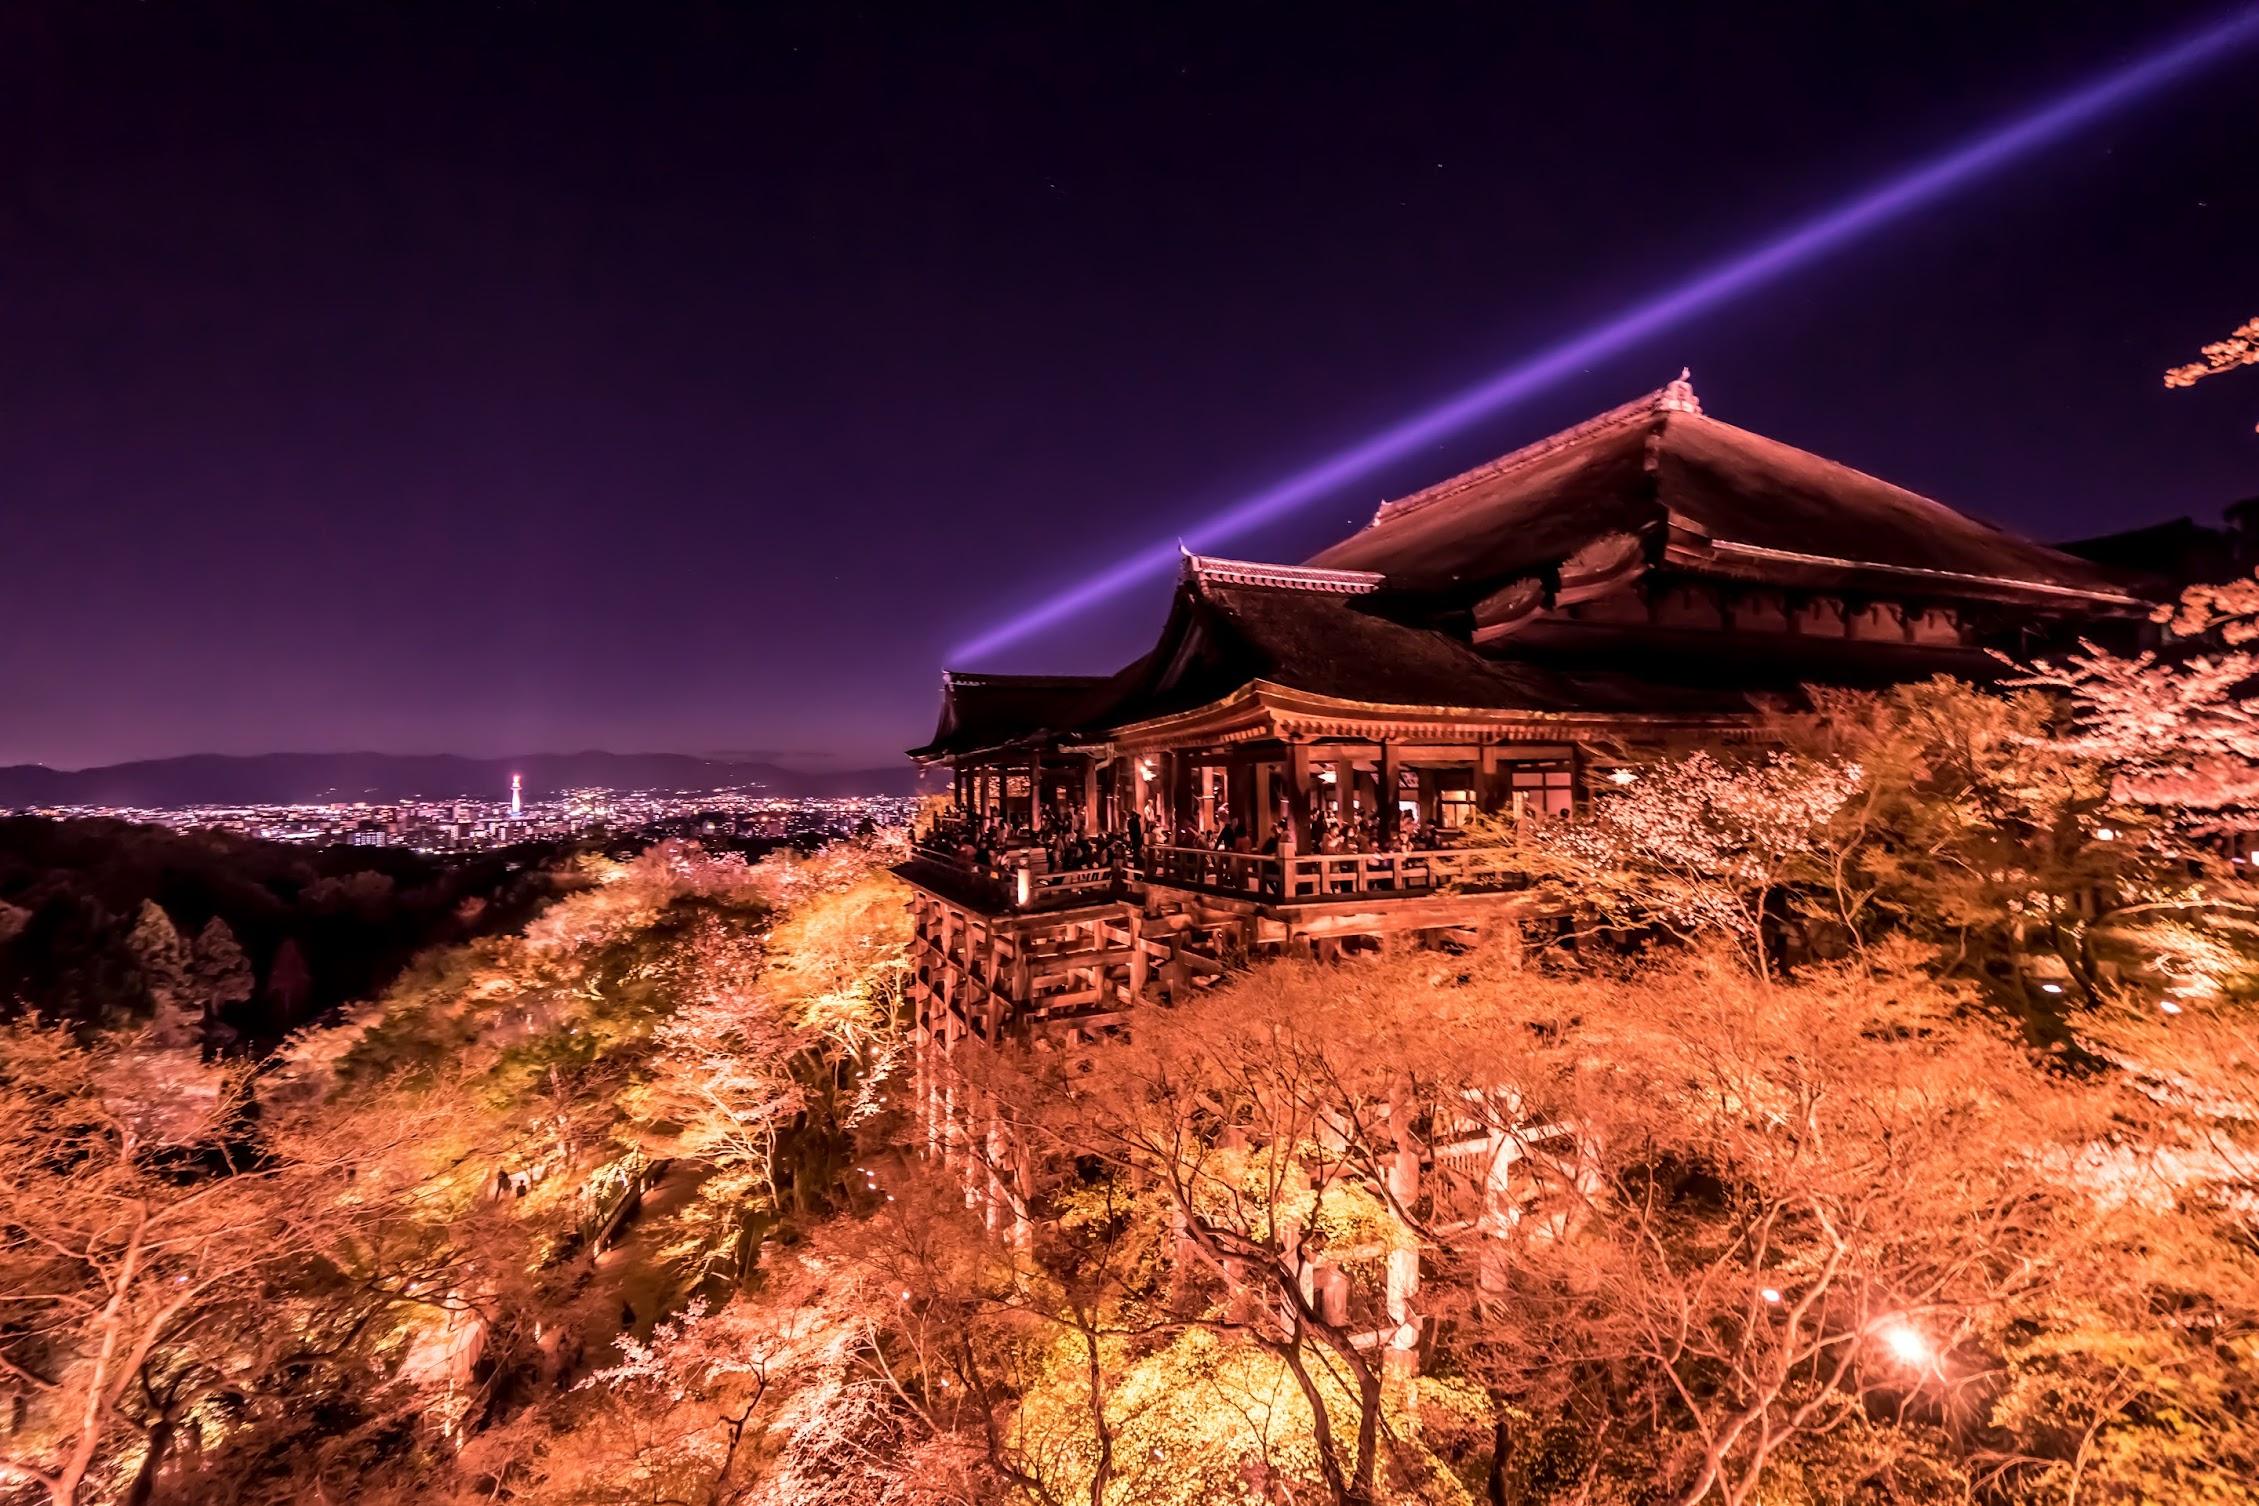 京都 桜 清水寺 ライトアップ1